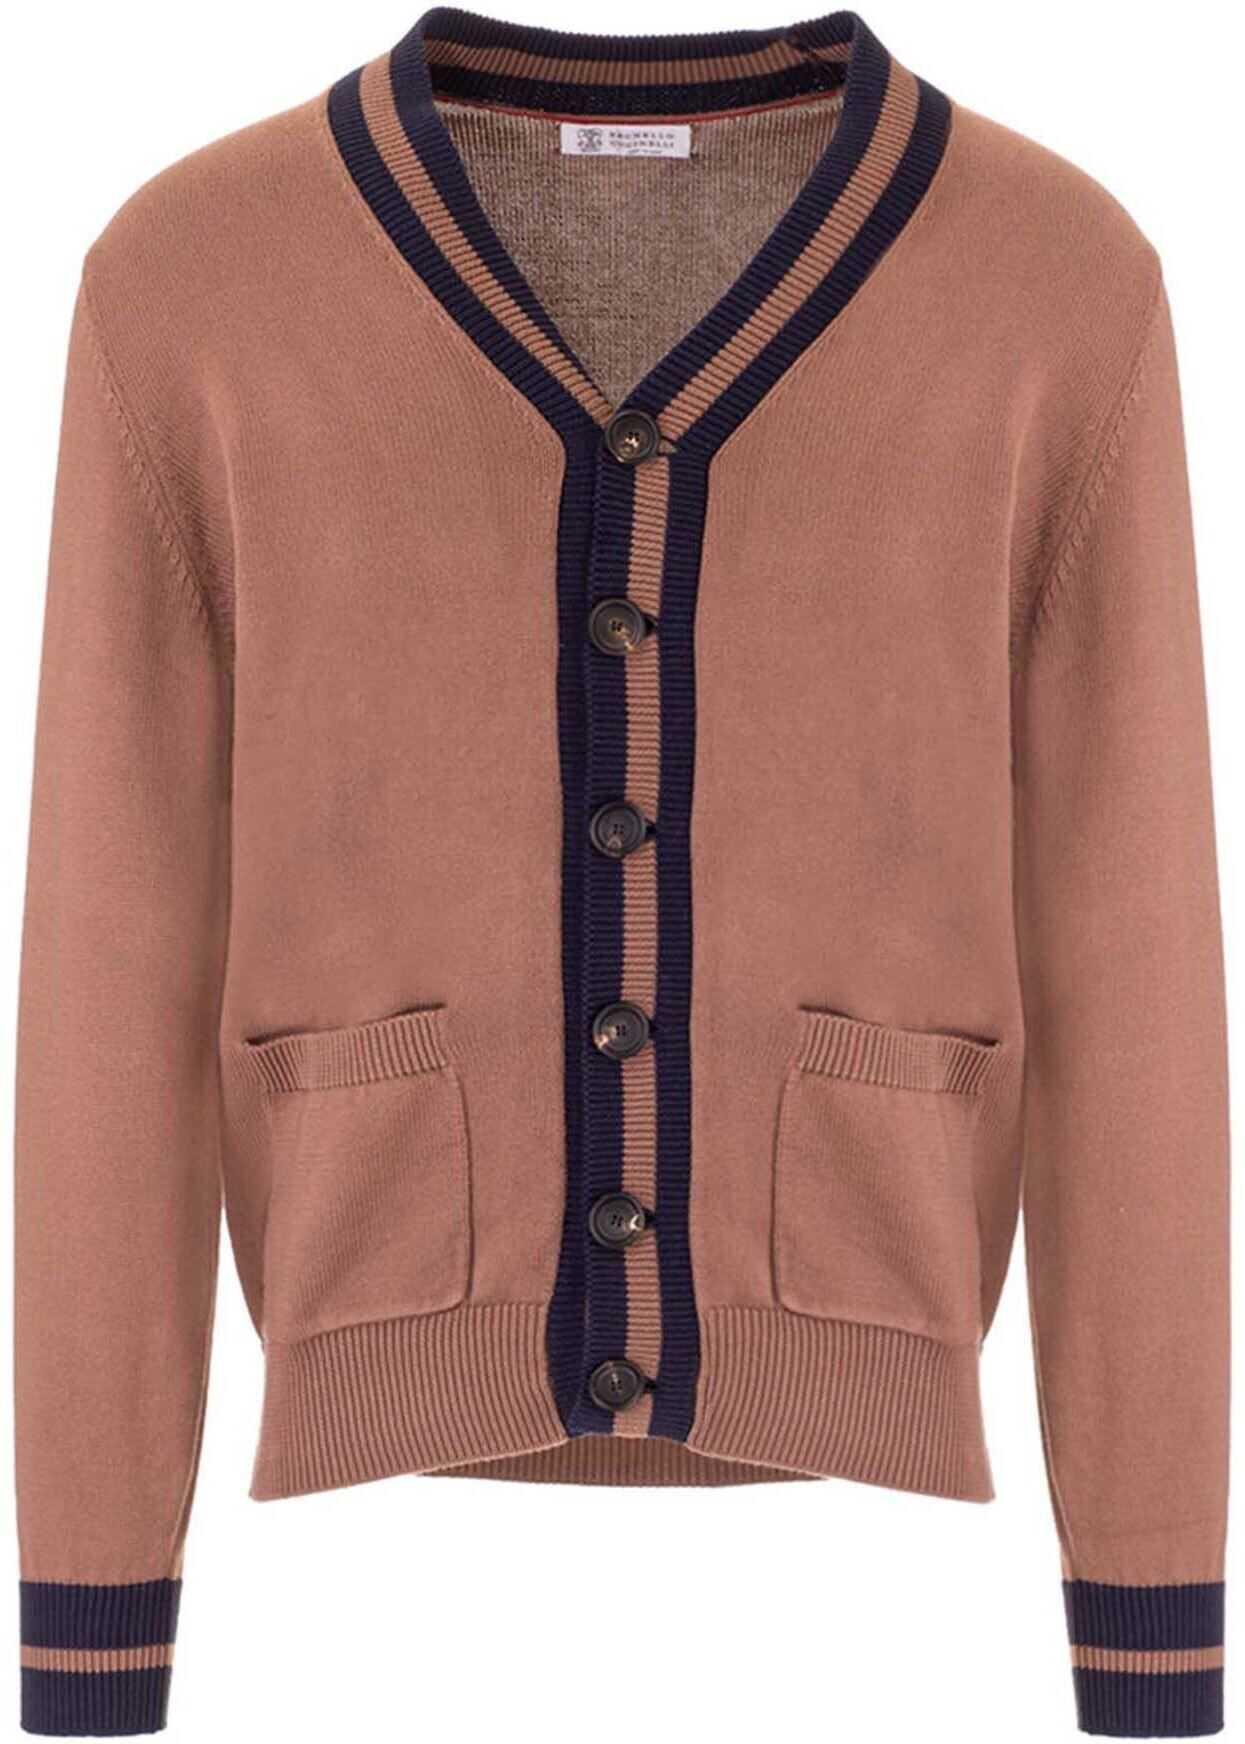 Brunello Cucinelli Striped Profile Cardigan In Brown Brown imagine